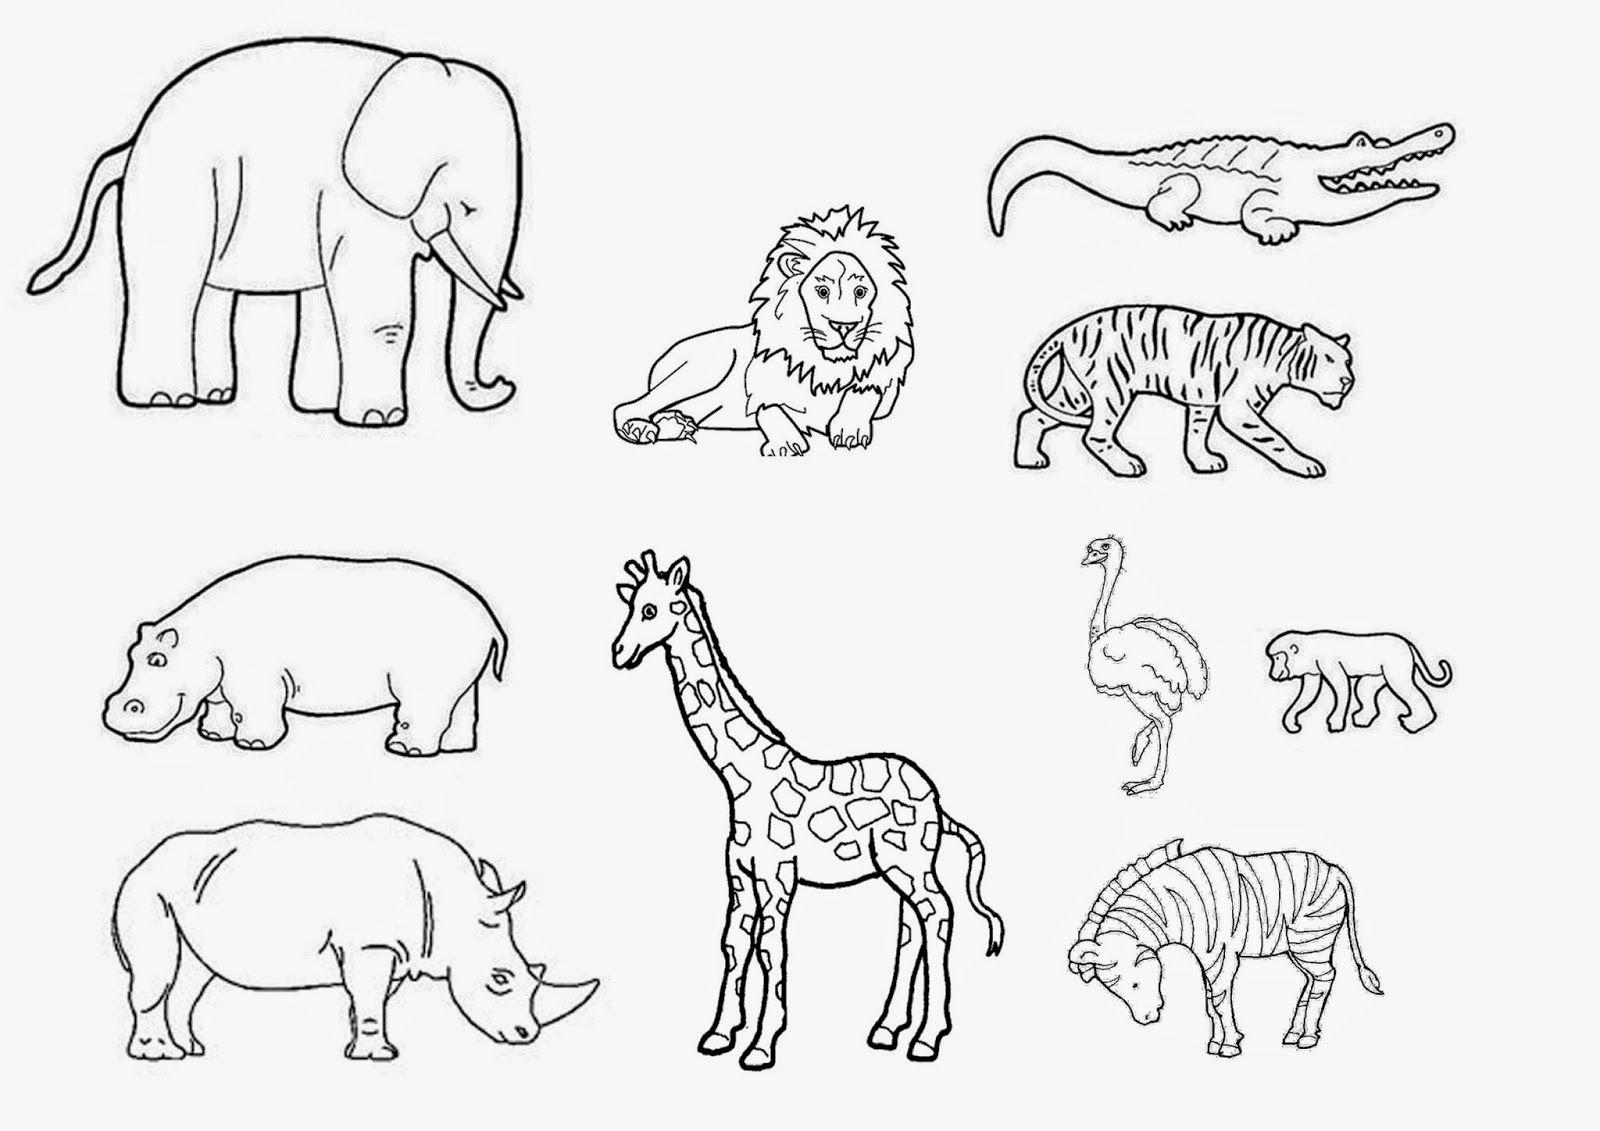 Gabarit Animaux Savane - Recherche Google | Coloriage tout Animaux A Dessiner Imprimer